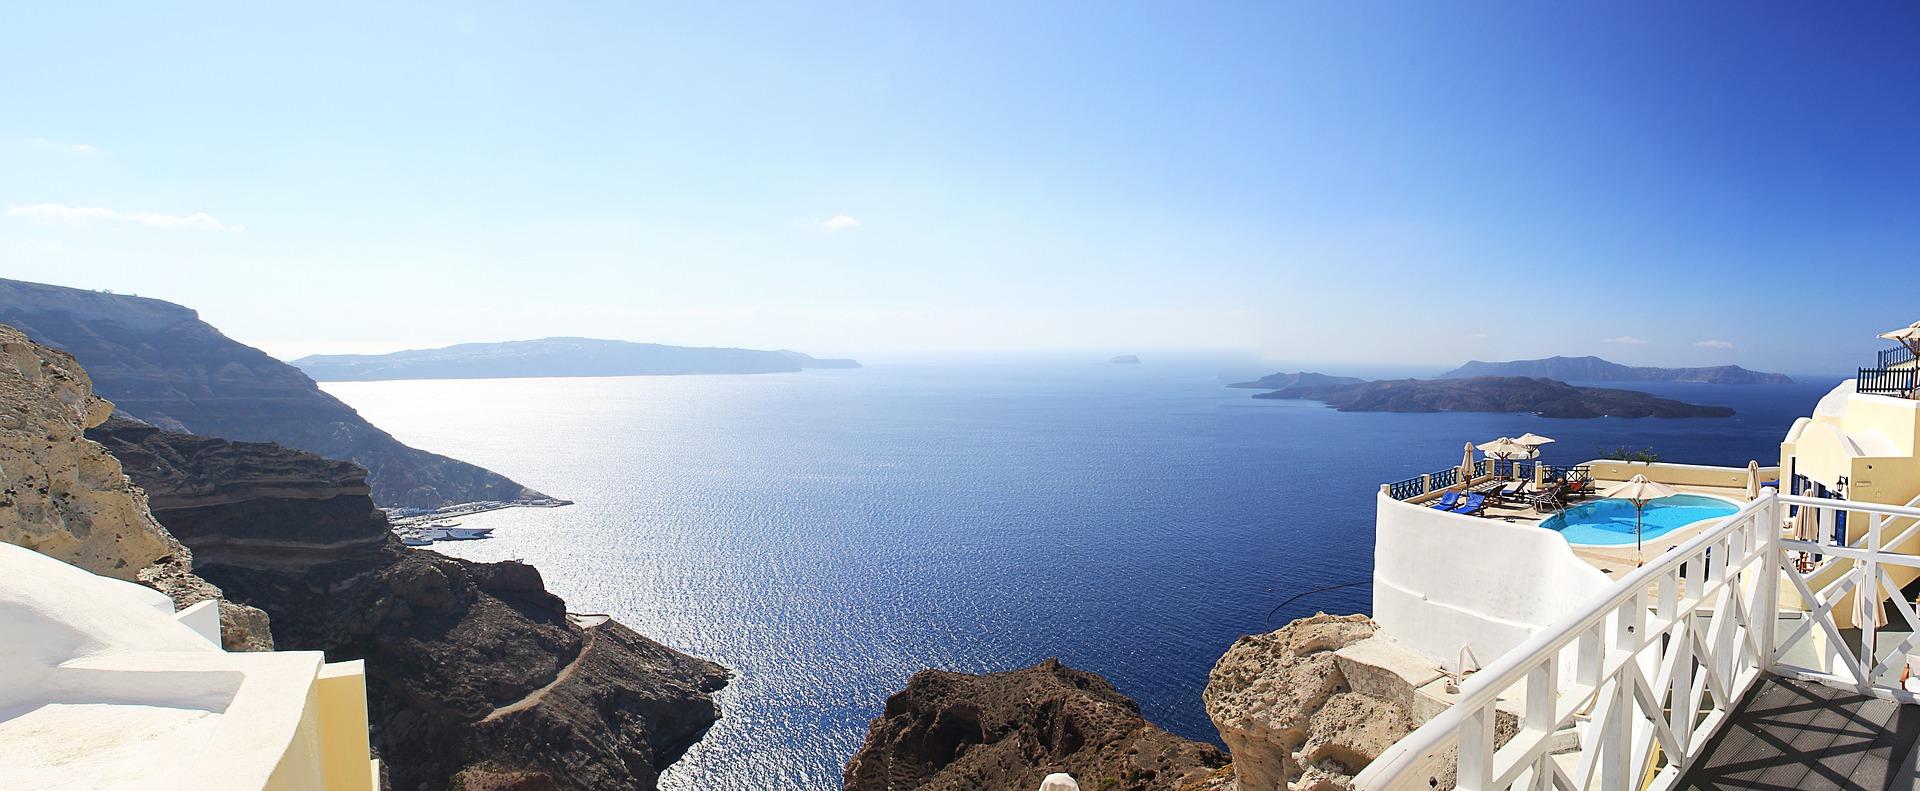 Griechische Inseln Urlaub als Pauschalreise eine Woche ab 173,47€